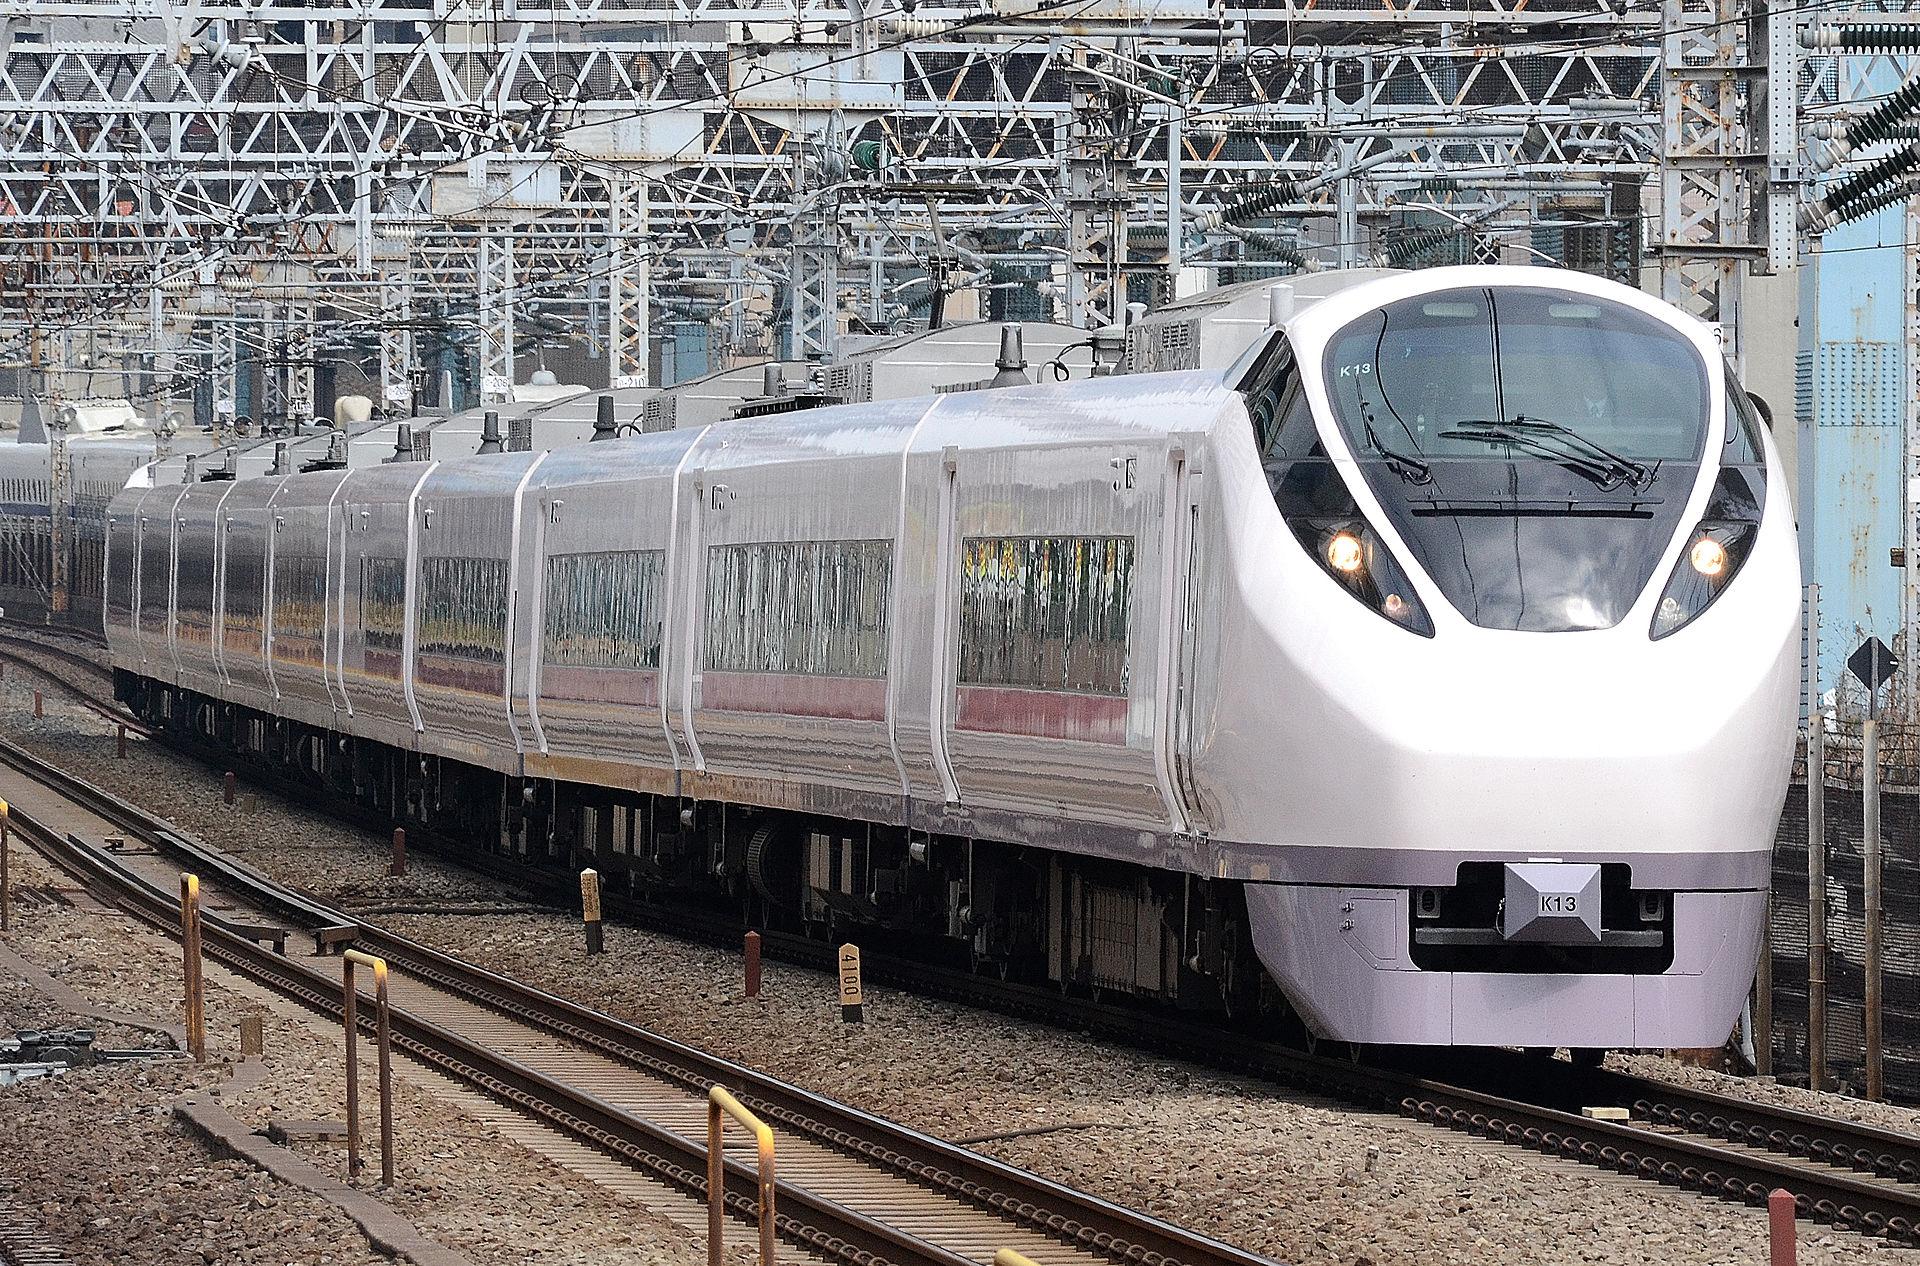 https://upload.wikimedia.org/wikipedia/commons/thumb/e/ec/Ueno_tokyo_line_E657.JPG/1920px-Ueno_tokyo_line_E657.JPG